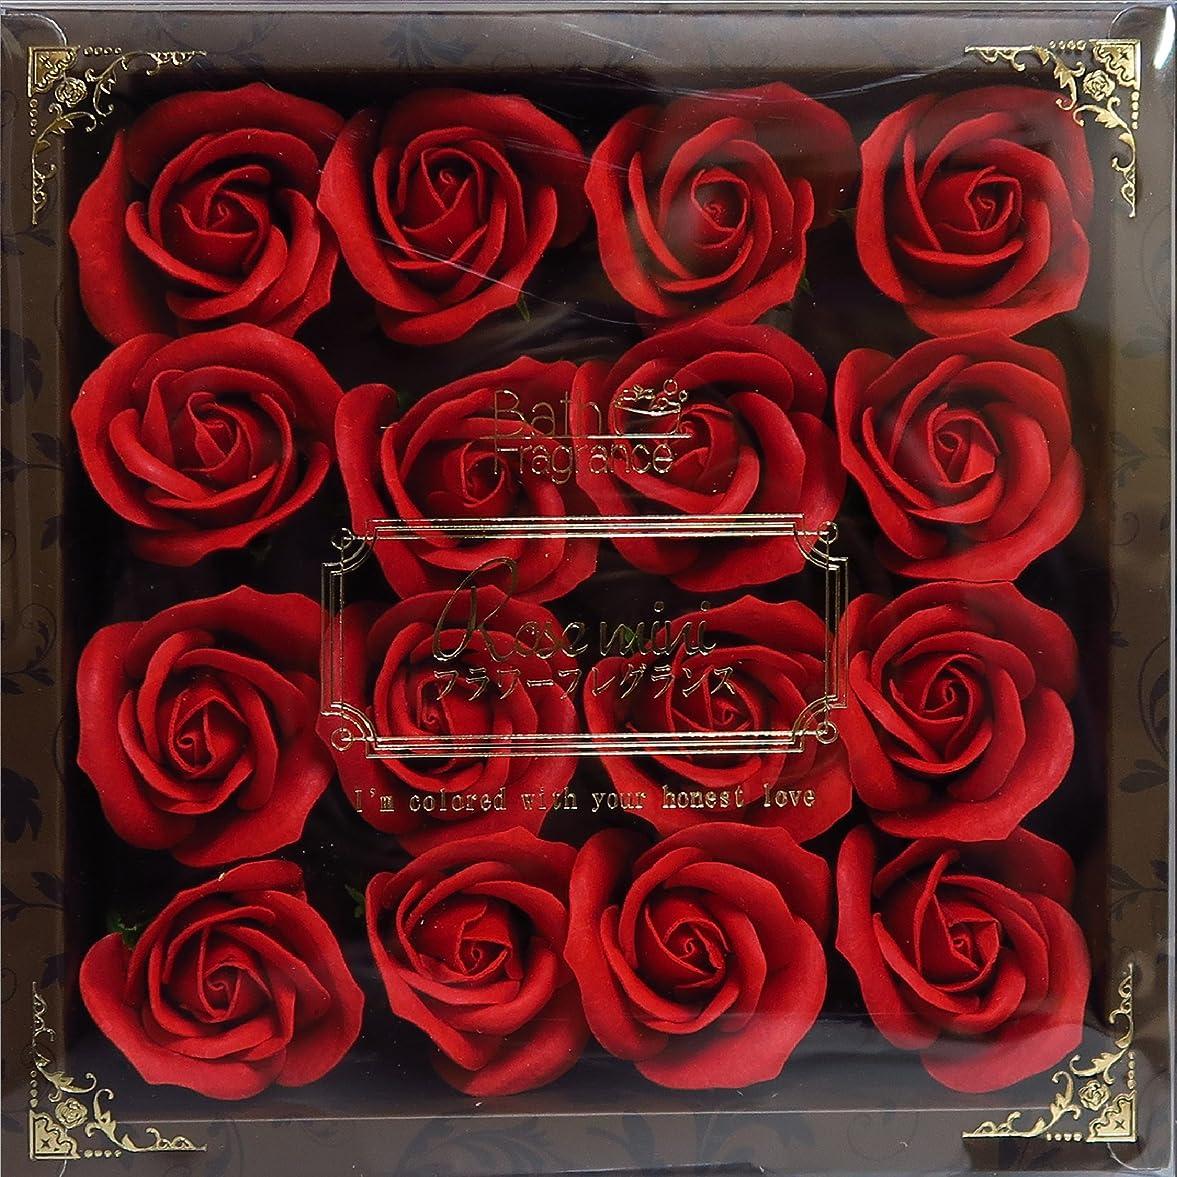 偽物ロードされた絵バスフレグランス バスフラワー ミニローズフレグランス(M)レッド ギフト お花の形の入浴剤 プレゼント ばら